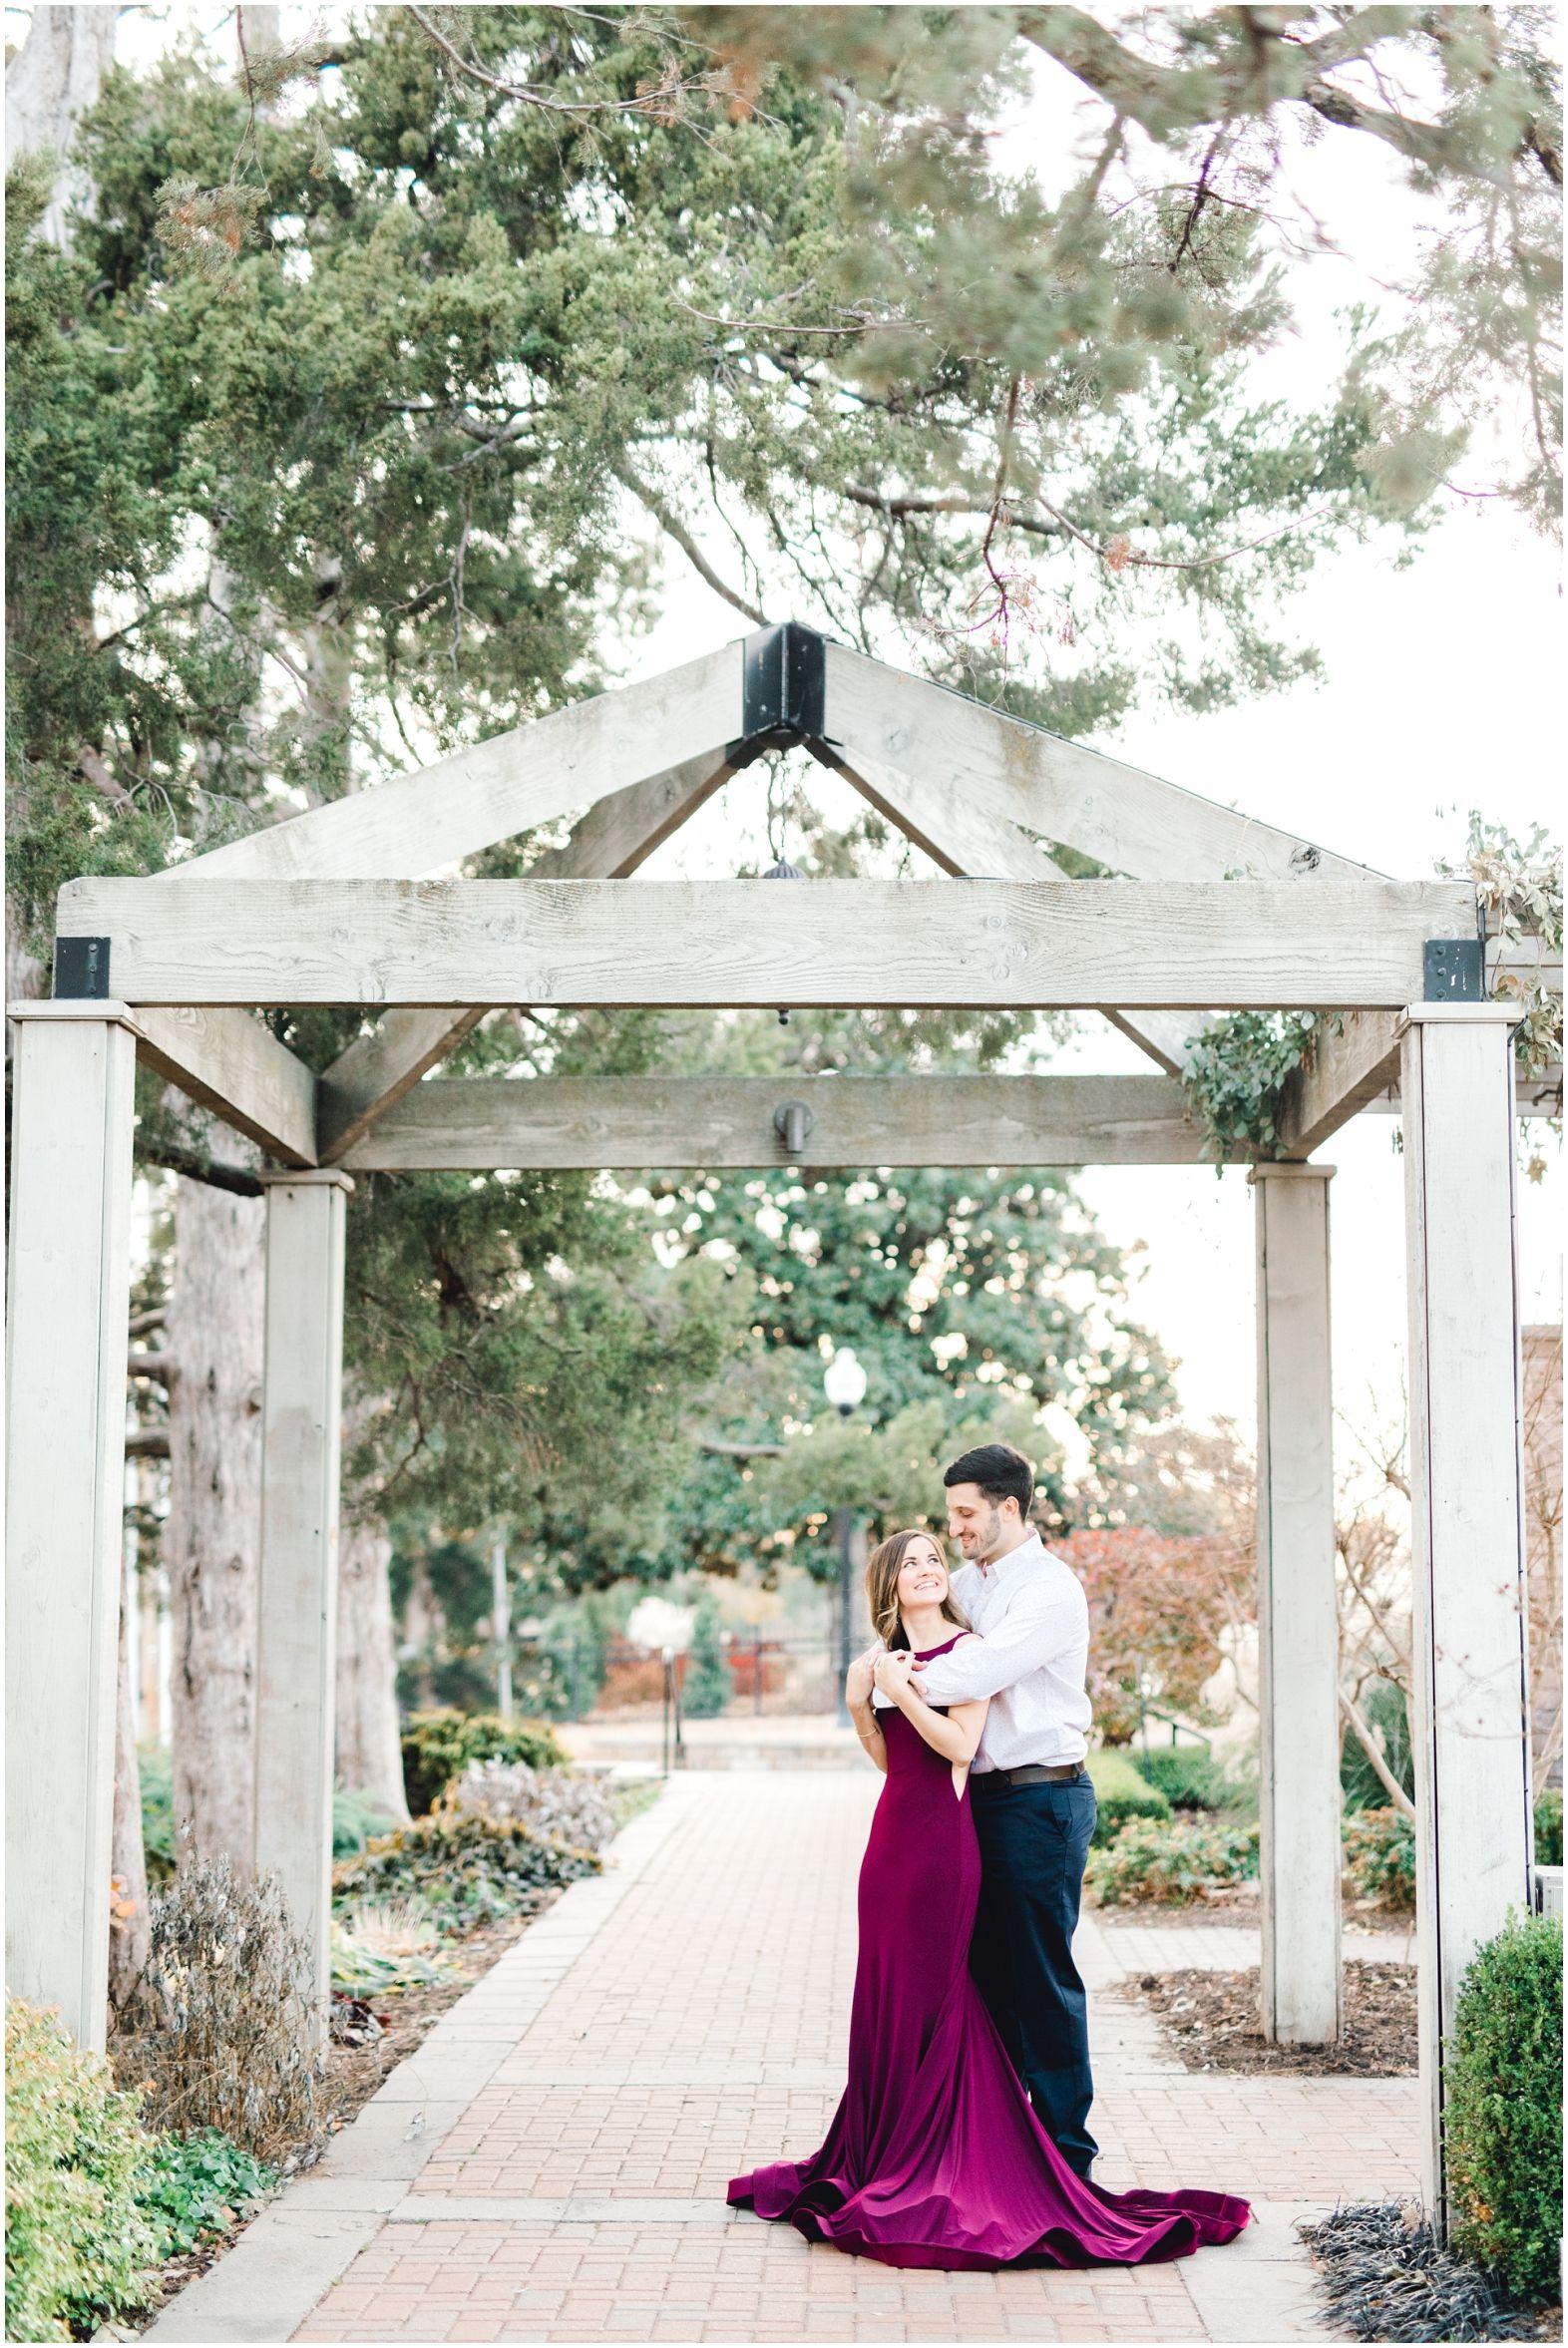 Woodward Park Engagement Session Tulsa Ok Wedding Photographers Wedding Park Weddings